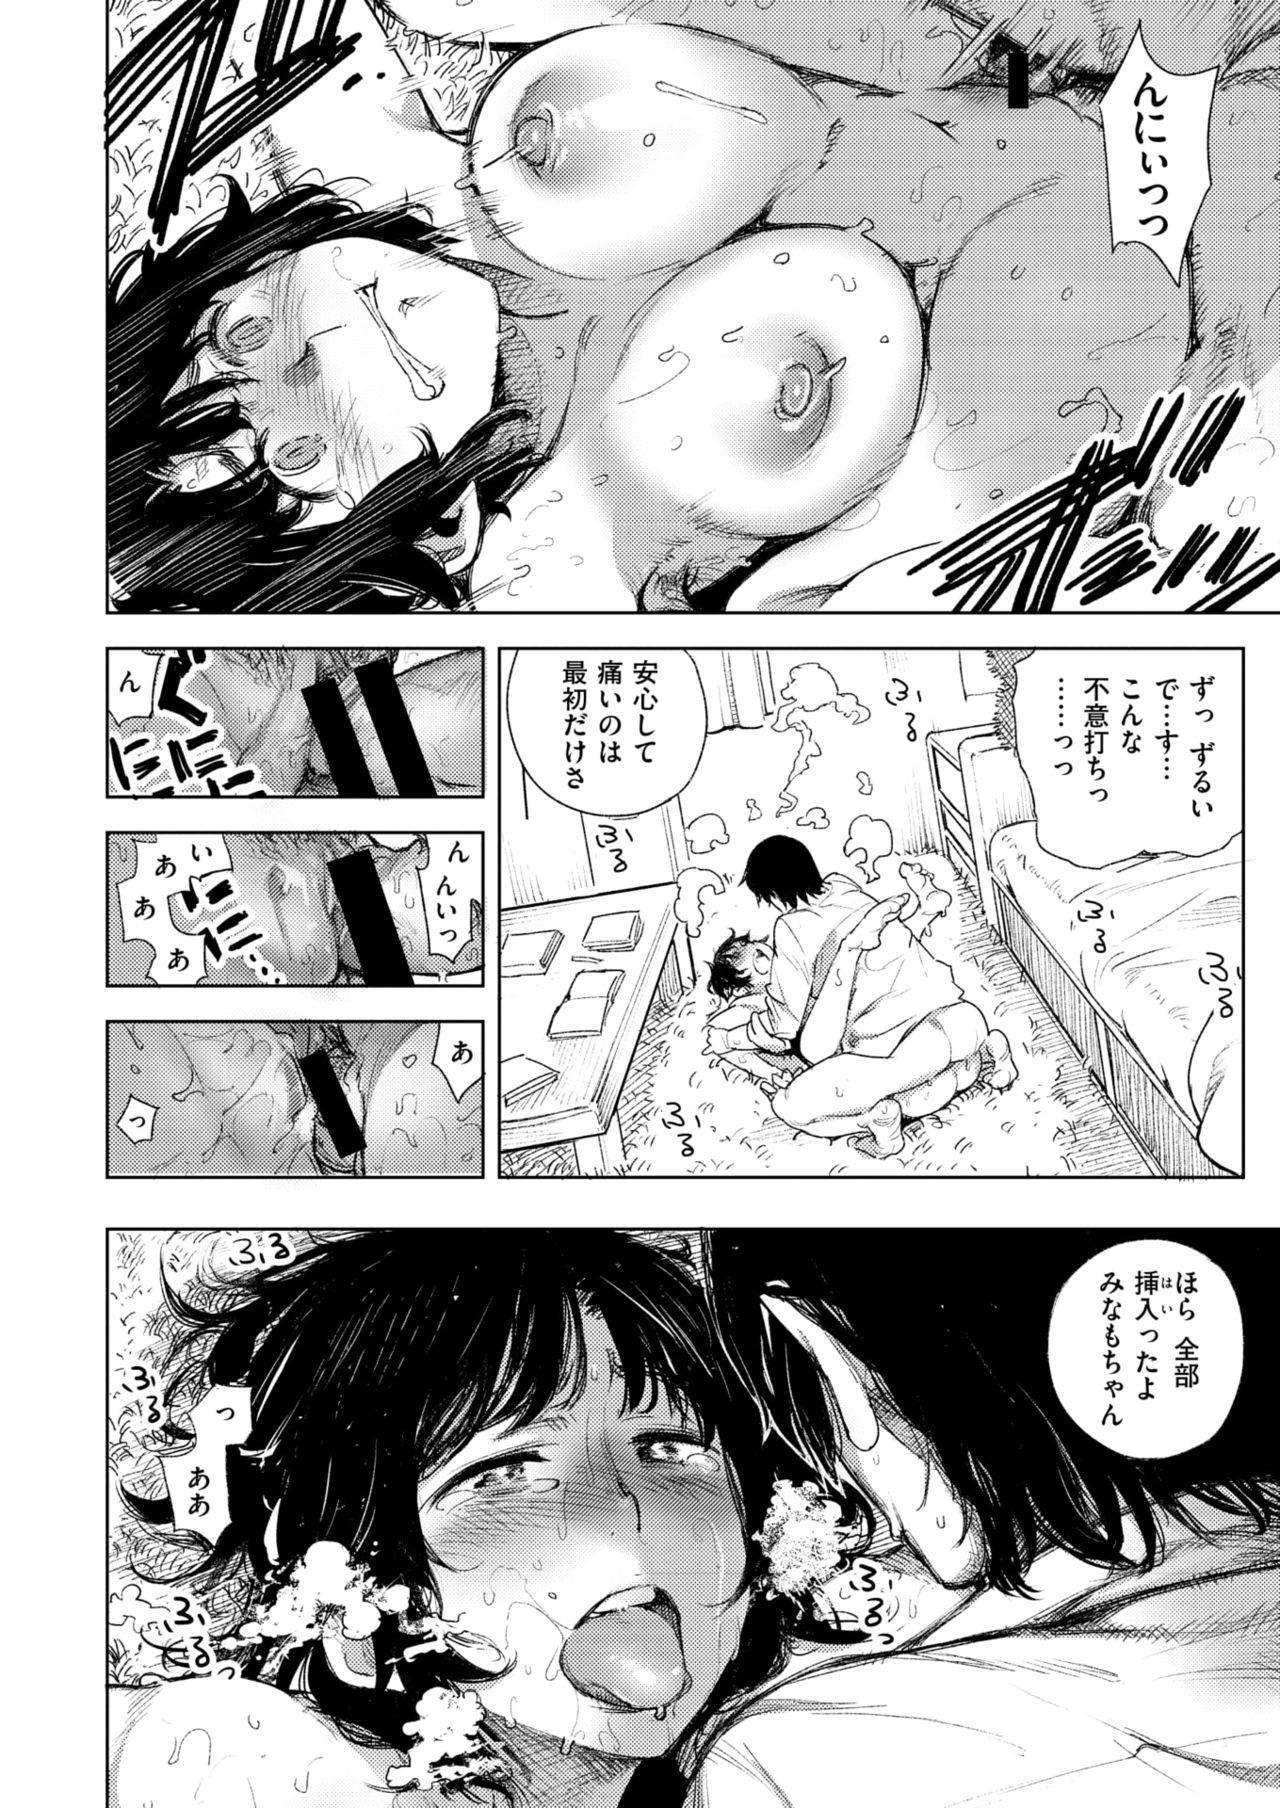 COMIC Kairakuten 25 Shuunen kinen tokubetsugou 360